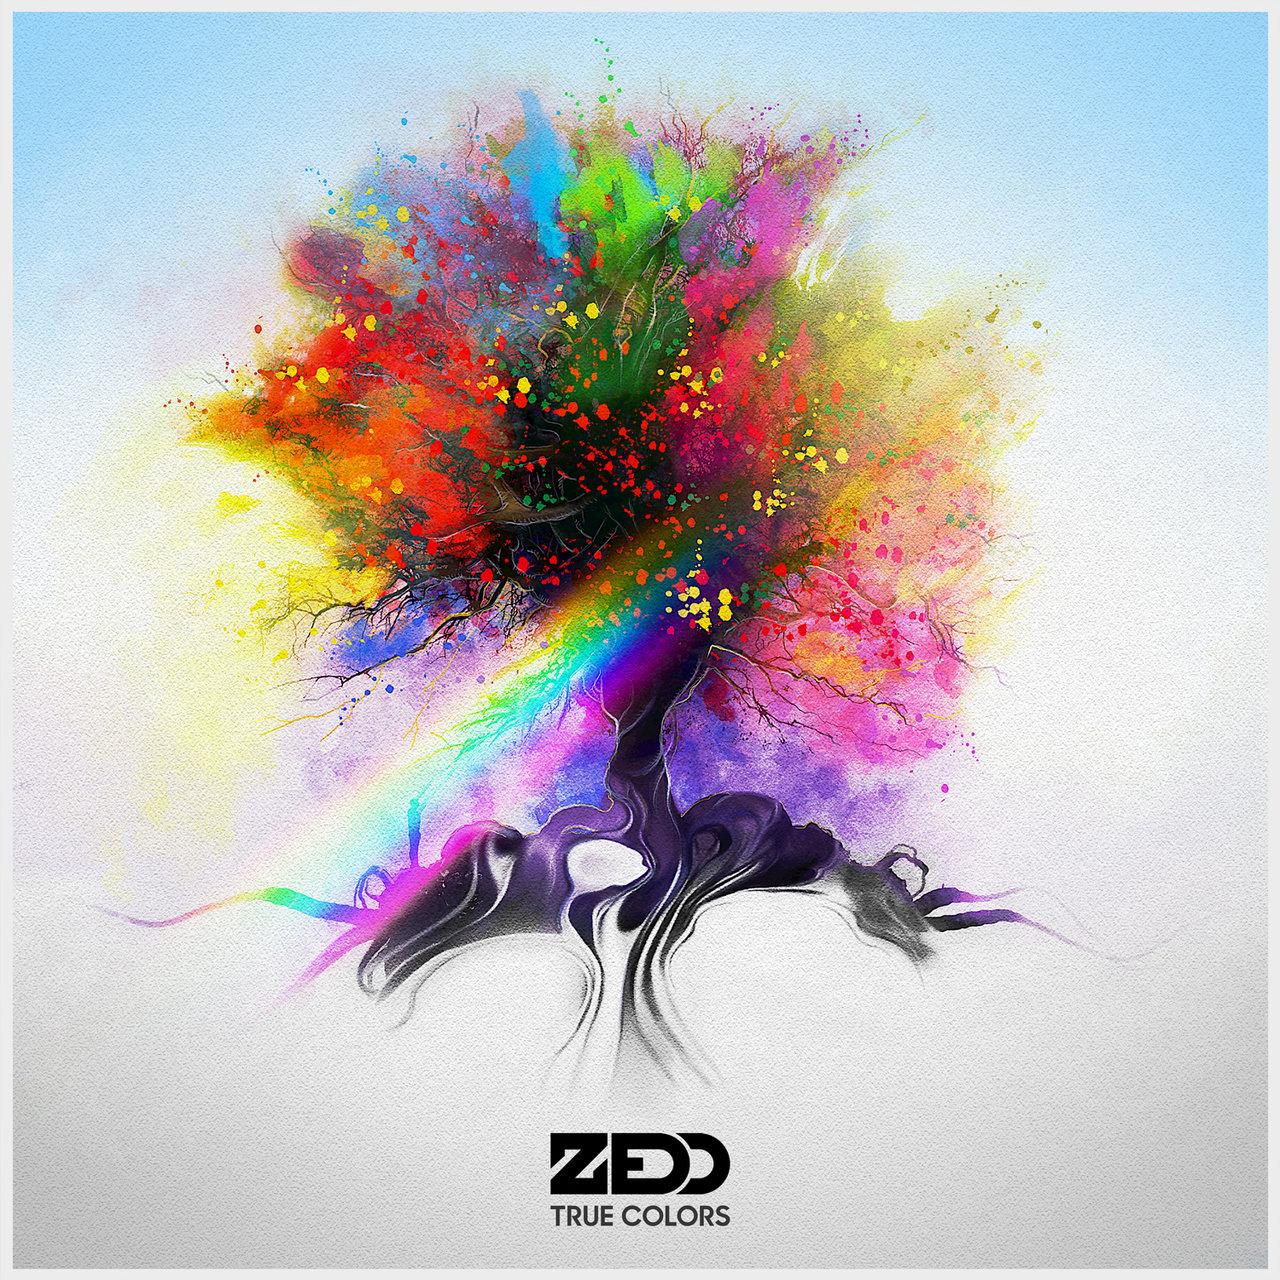 Zedd_TrueColors.jpg